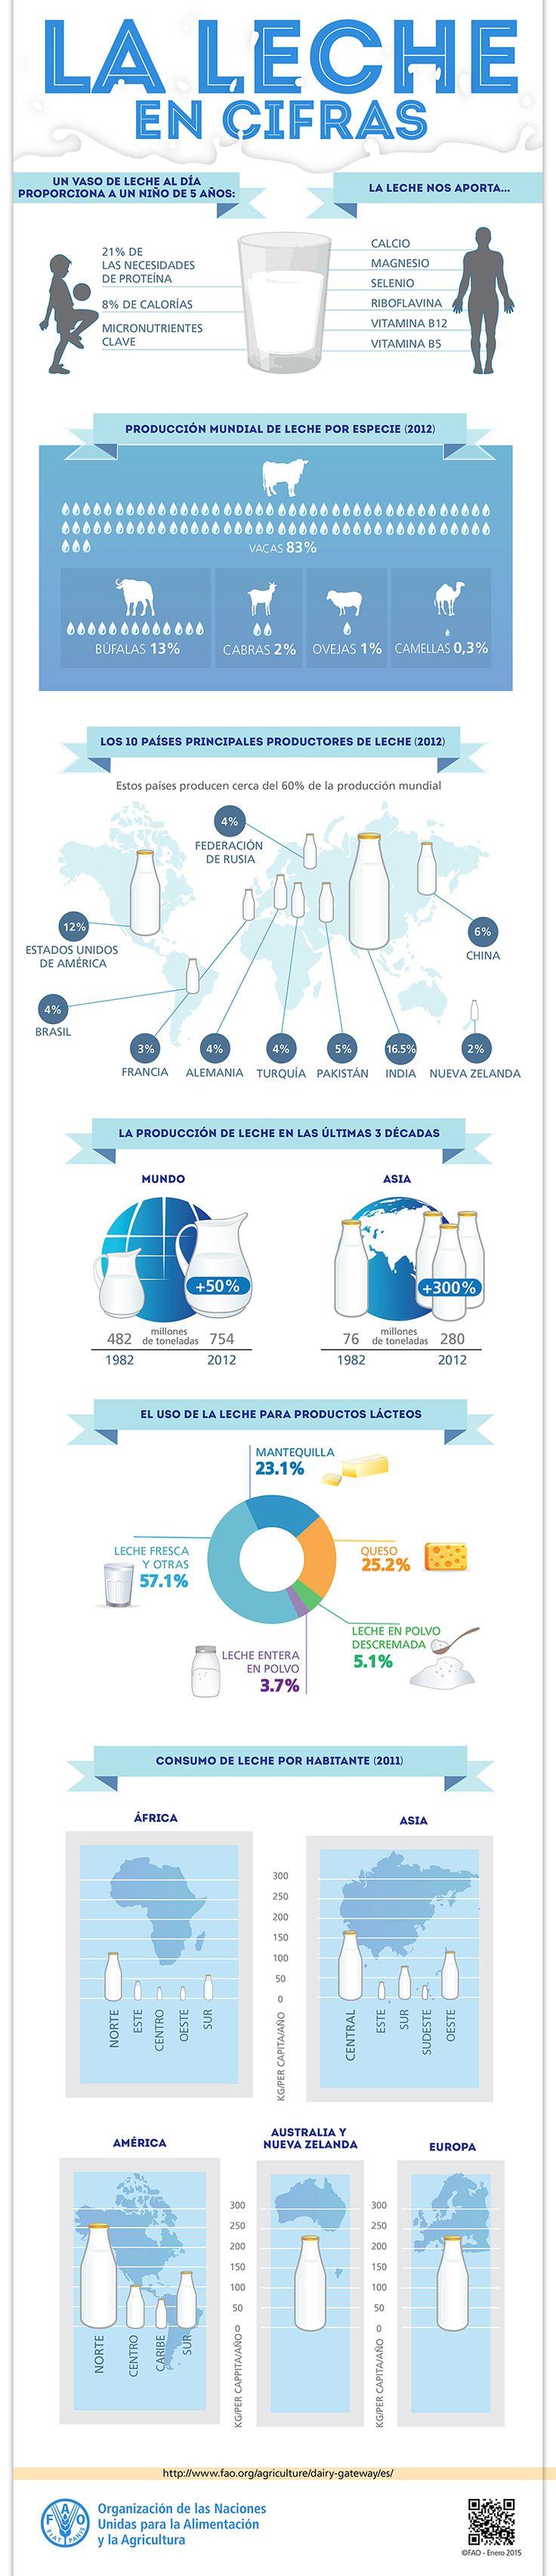 CEIEG » FAO – La leche en cifras.